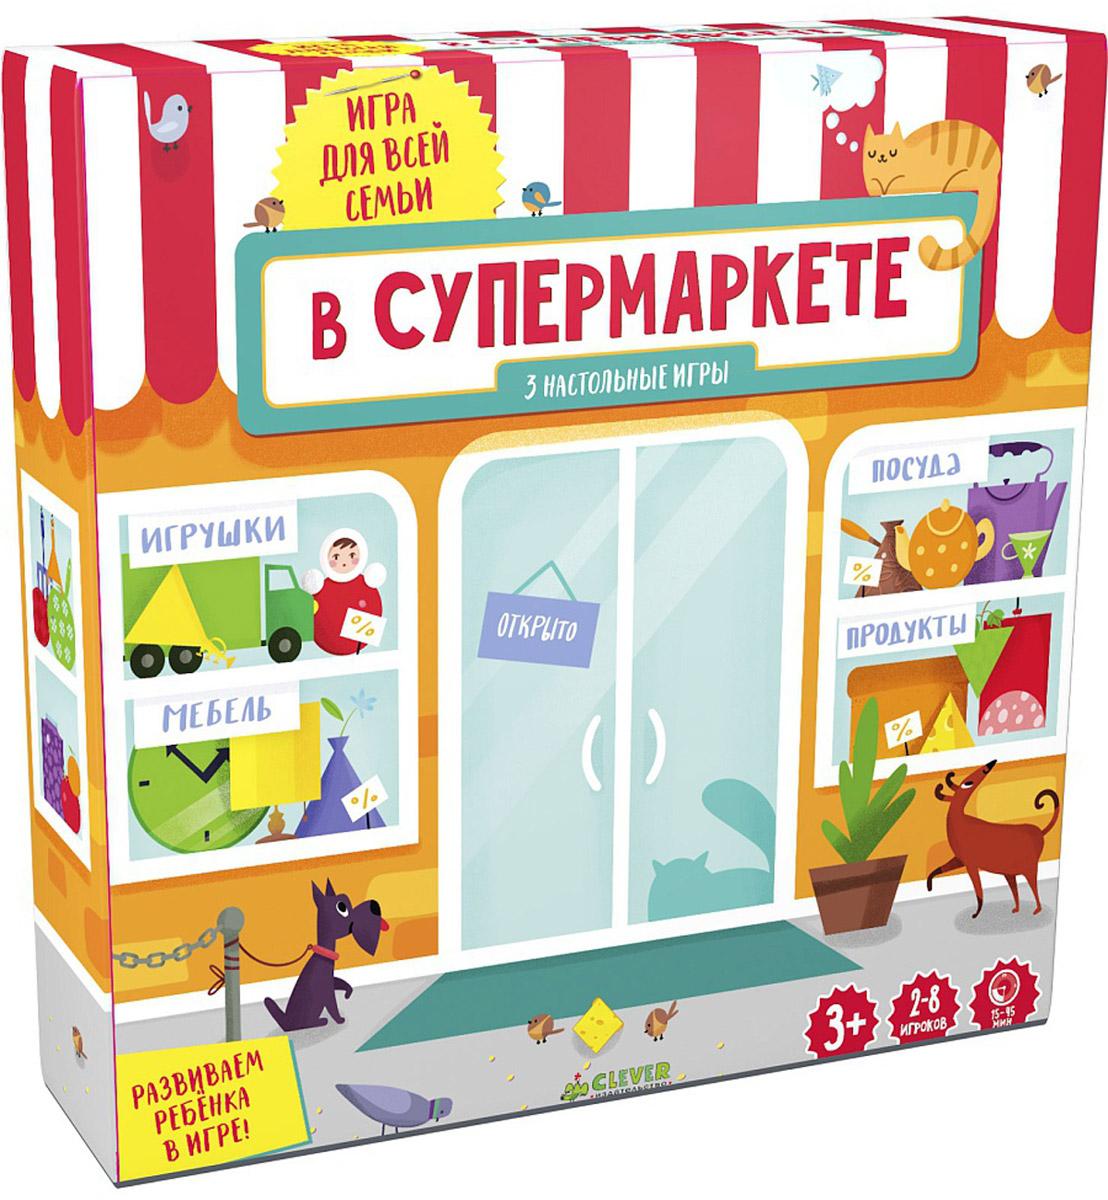 Clever Обучающая игра В супермаркете4630031910175Каждый поход в супермаркет может стать увлекательным приключением! Вас ждут веселые викторины, грандиозные акции и распродажи, а также полные тележки самых разных товаров. Скорее начинайте играть! Выбирайте 3 игры разных уровней сложности, а также 24 карточки с заданиями и вопросами, которые вы можете взять с собой на прогулку или в поездку, чтобы занять ребенка в любом месте.